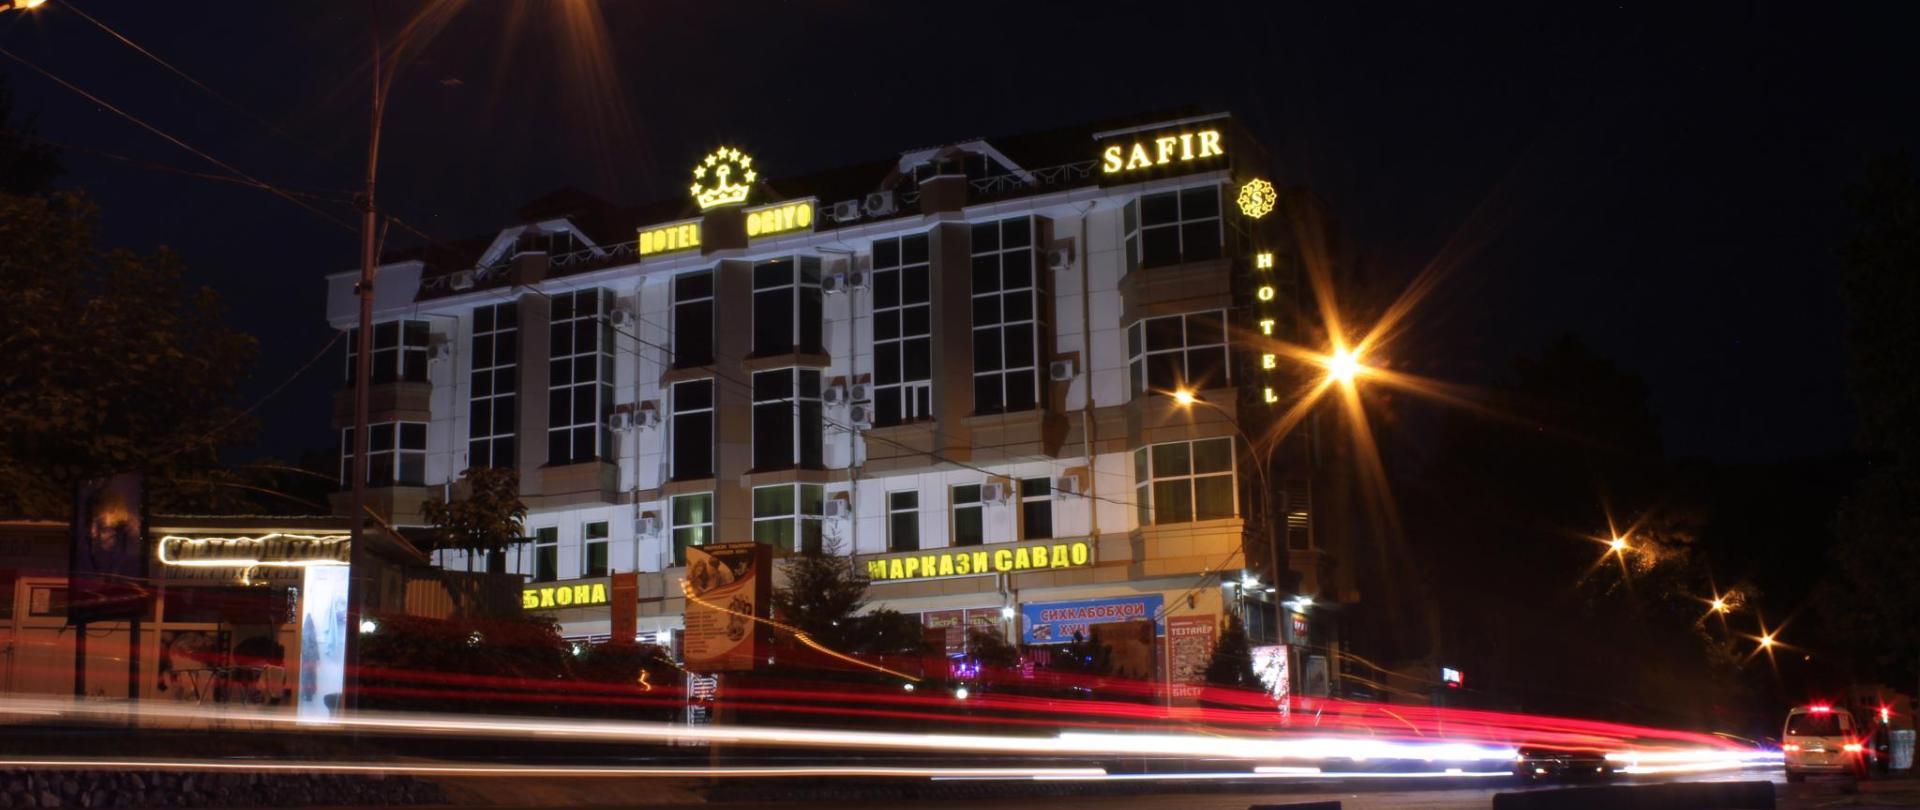 SAFIR HOTEL.jpg